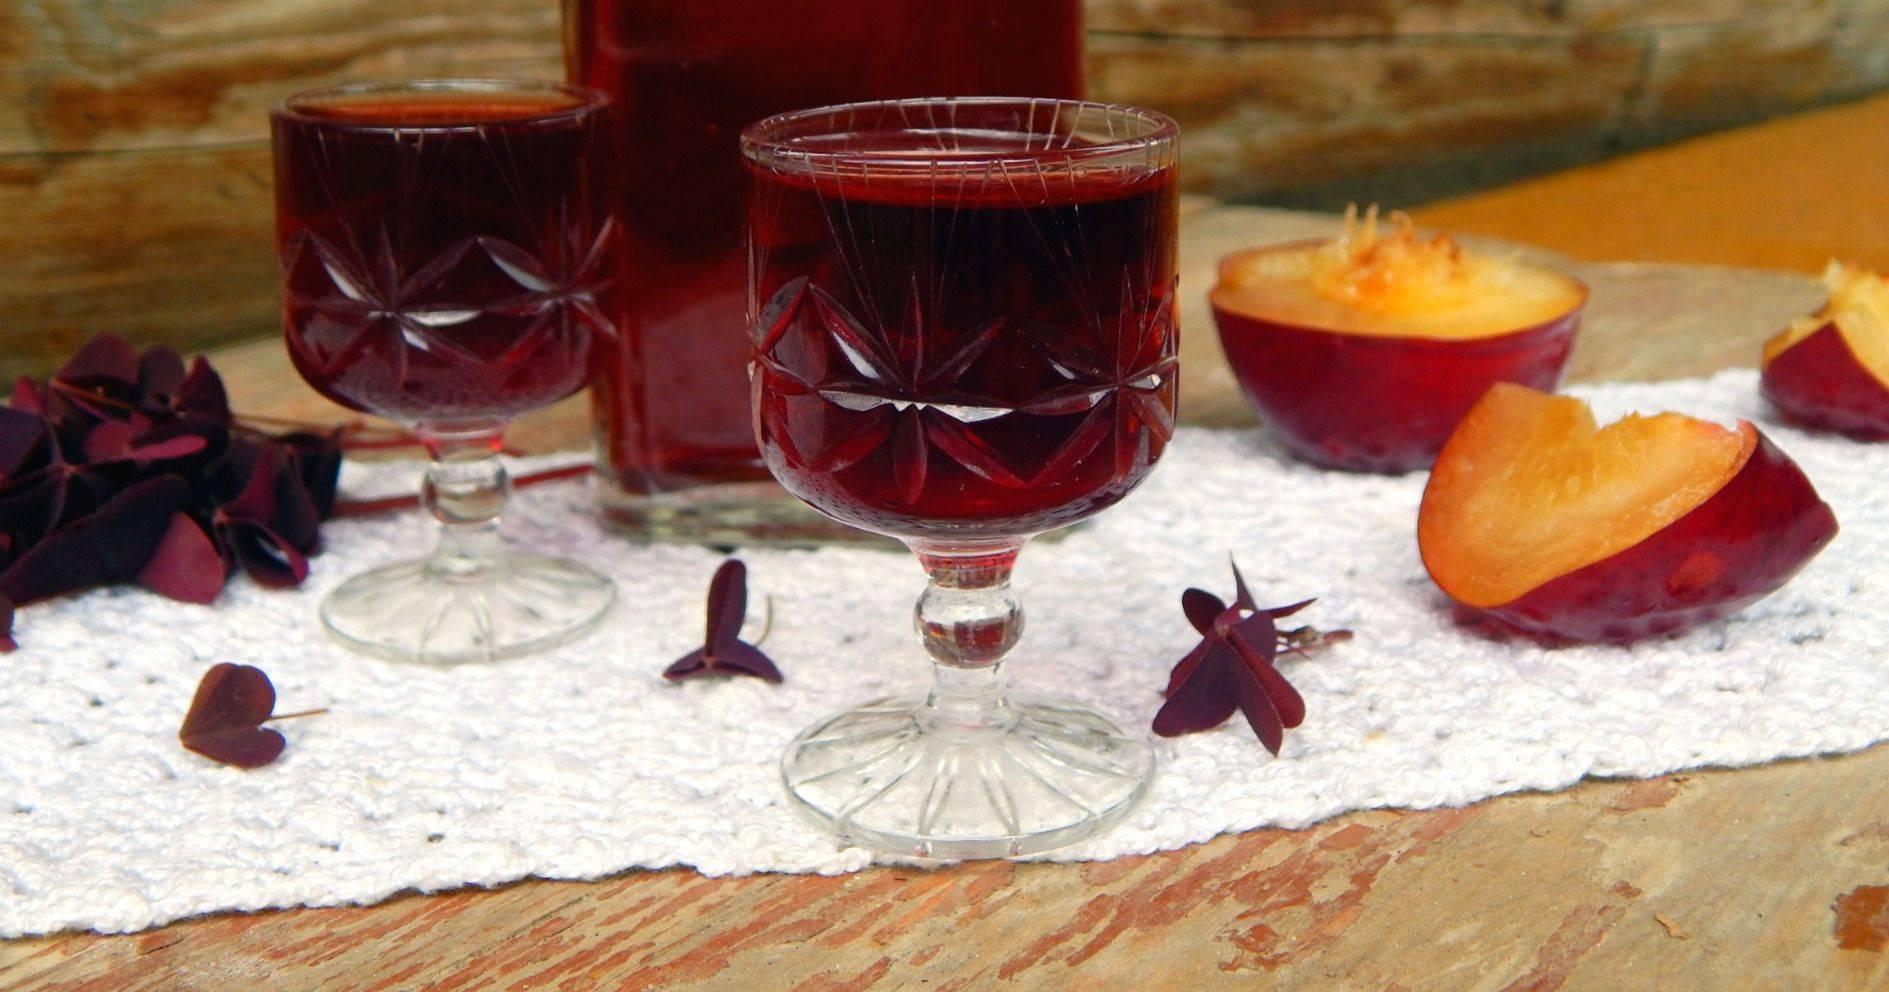 Сливянка: 110 фото простых рецептов приготовления вкусного напитка из сливы